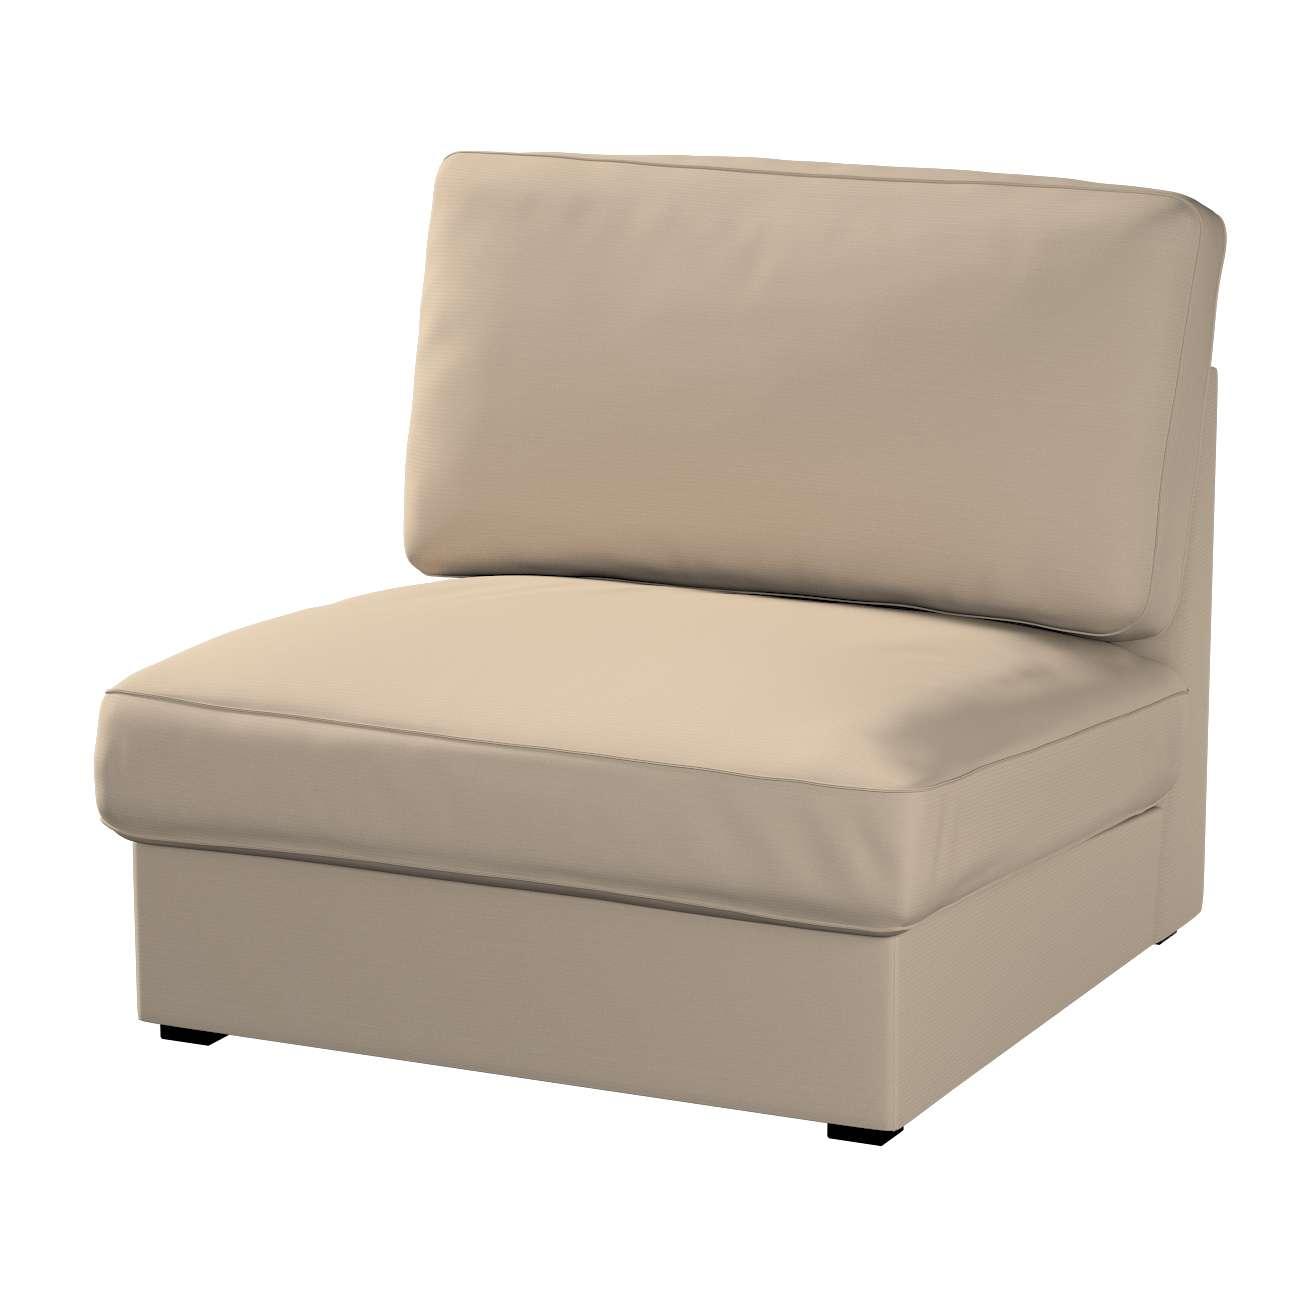 KIVIK fotelio/vienvietės dalies užvalkalas Kivik armchair kolekcijoje Cotton Panama, audinys: 702-28